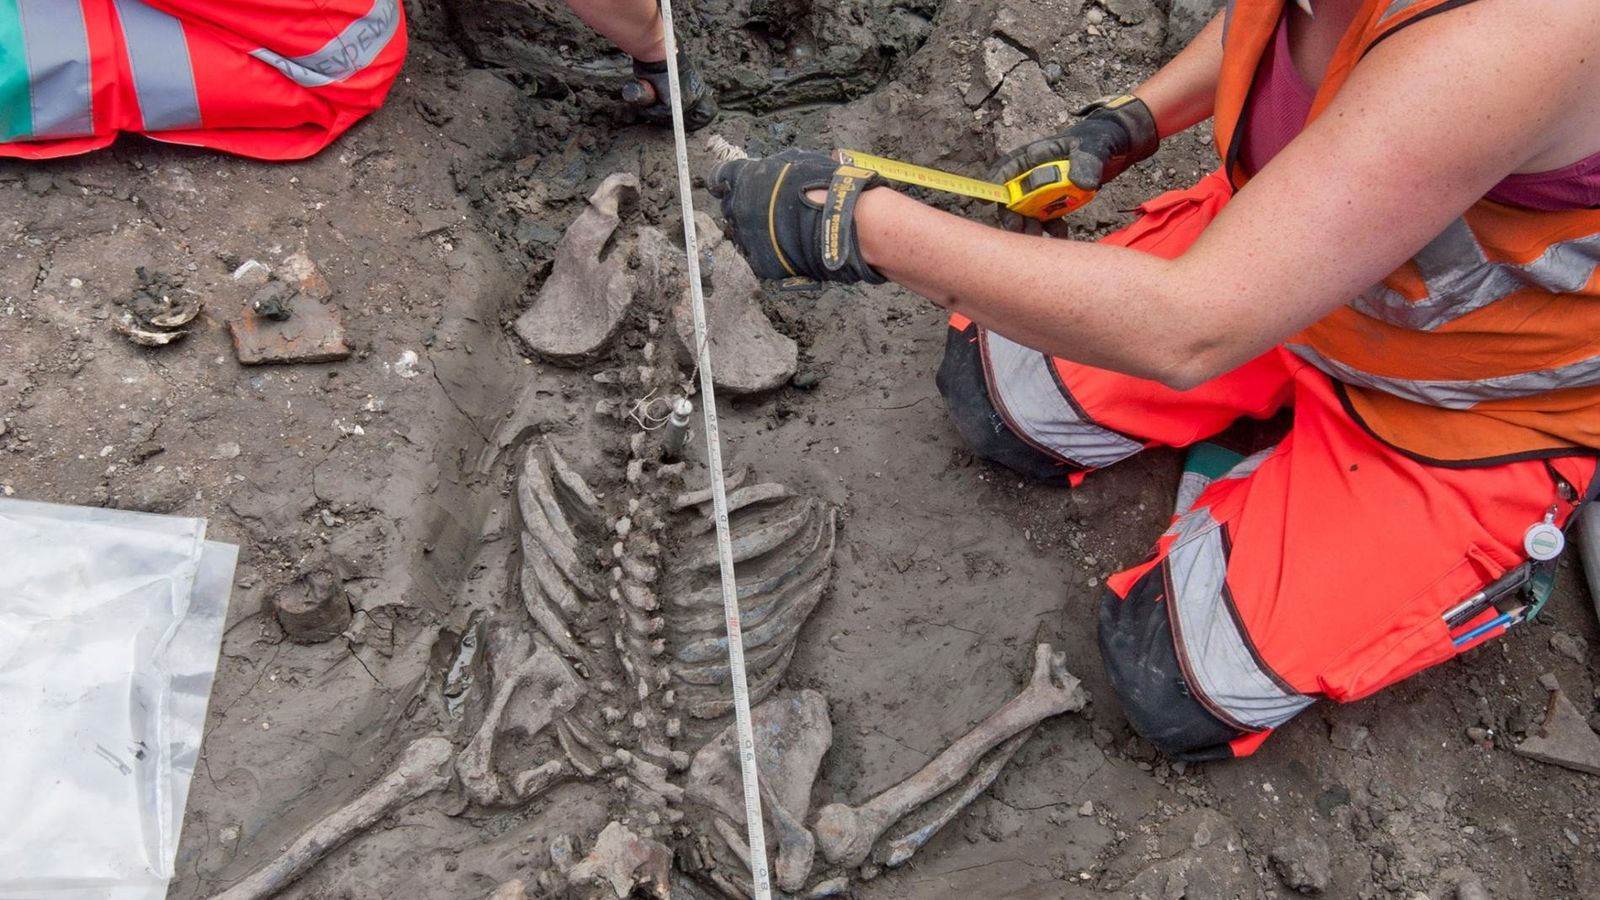 In London untersuchen Archäologen das Skelett eines Mannes Anfang Dreißig, dessen Überreste mehr als 500 Jahre ...